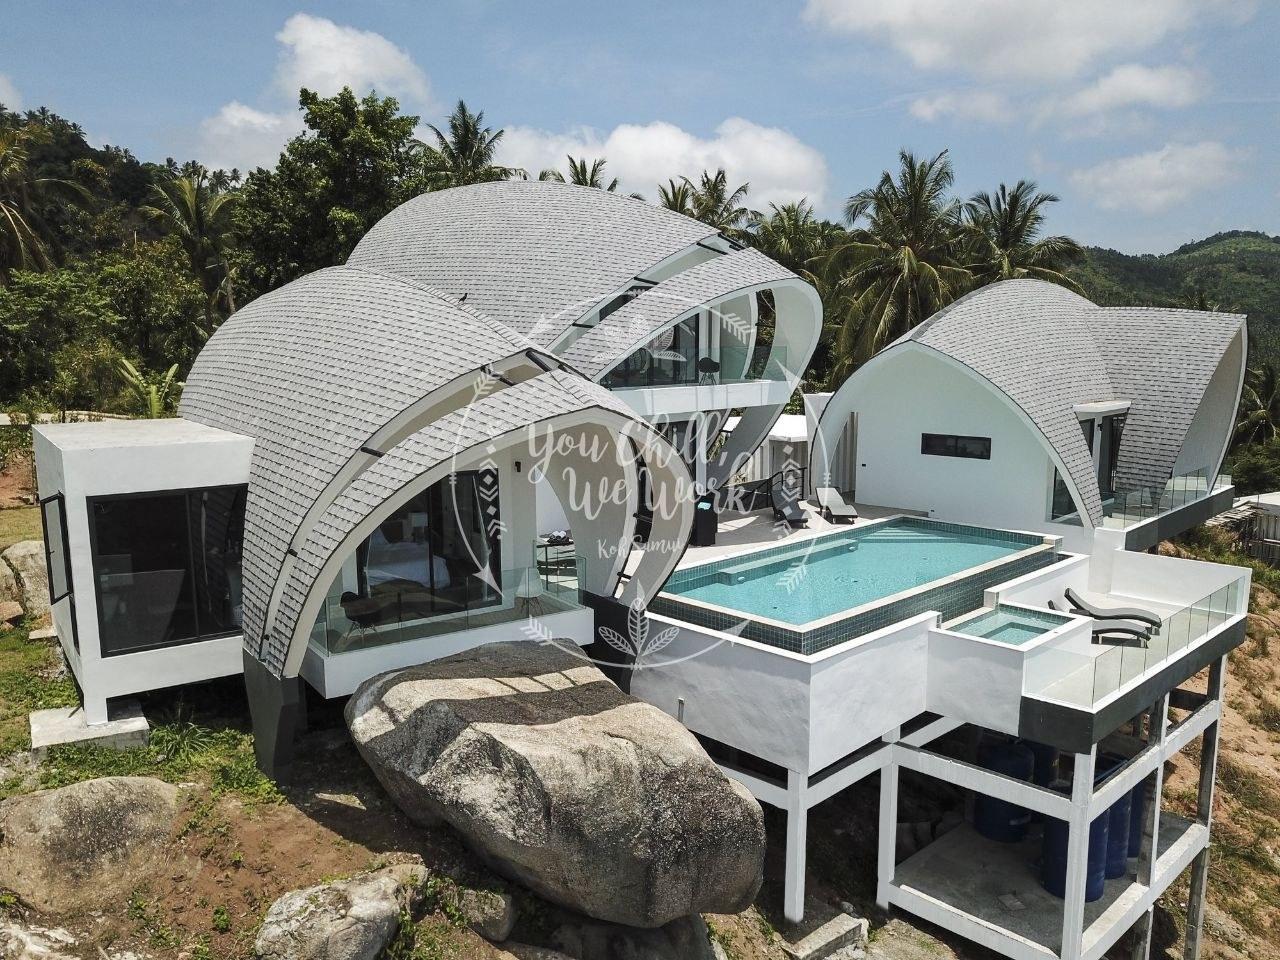 villa-moon-paradise-watermark4